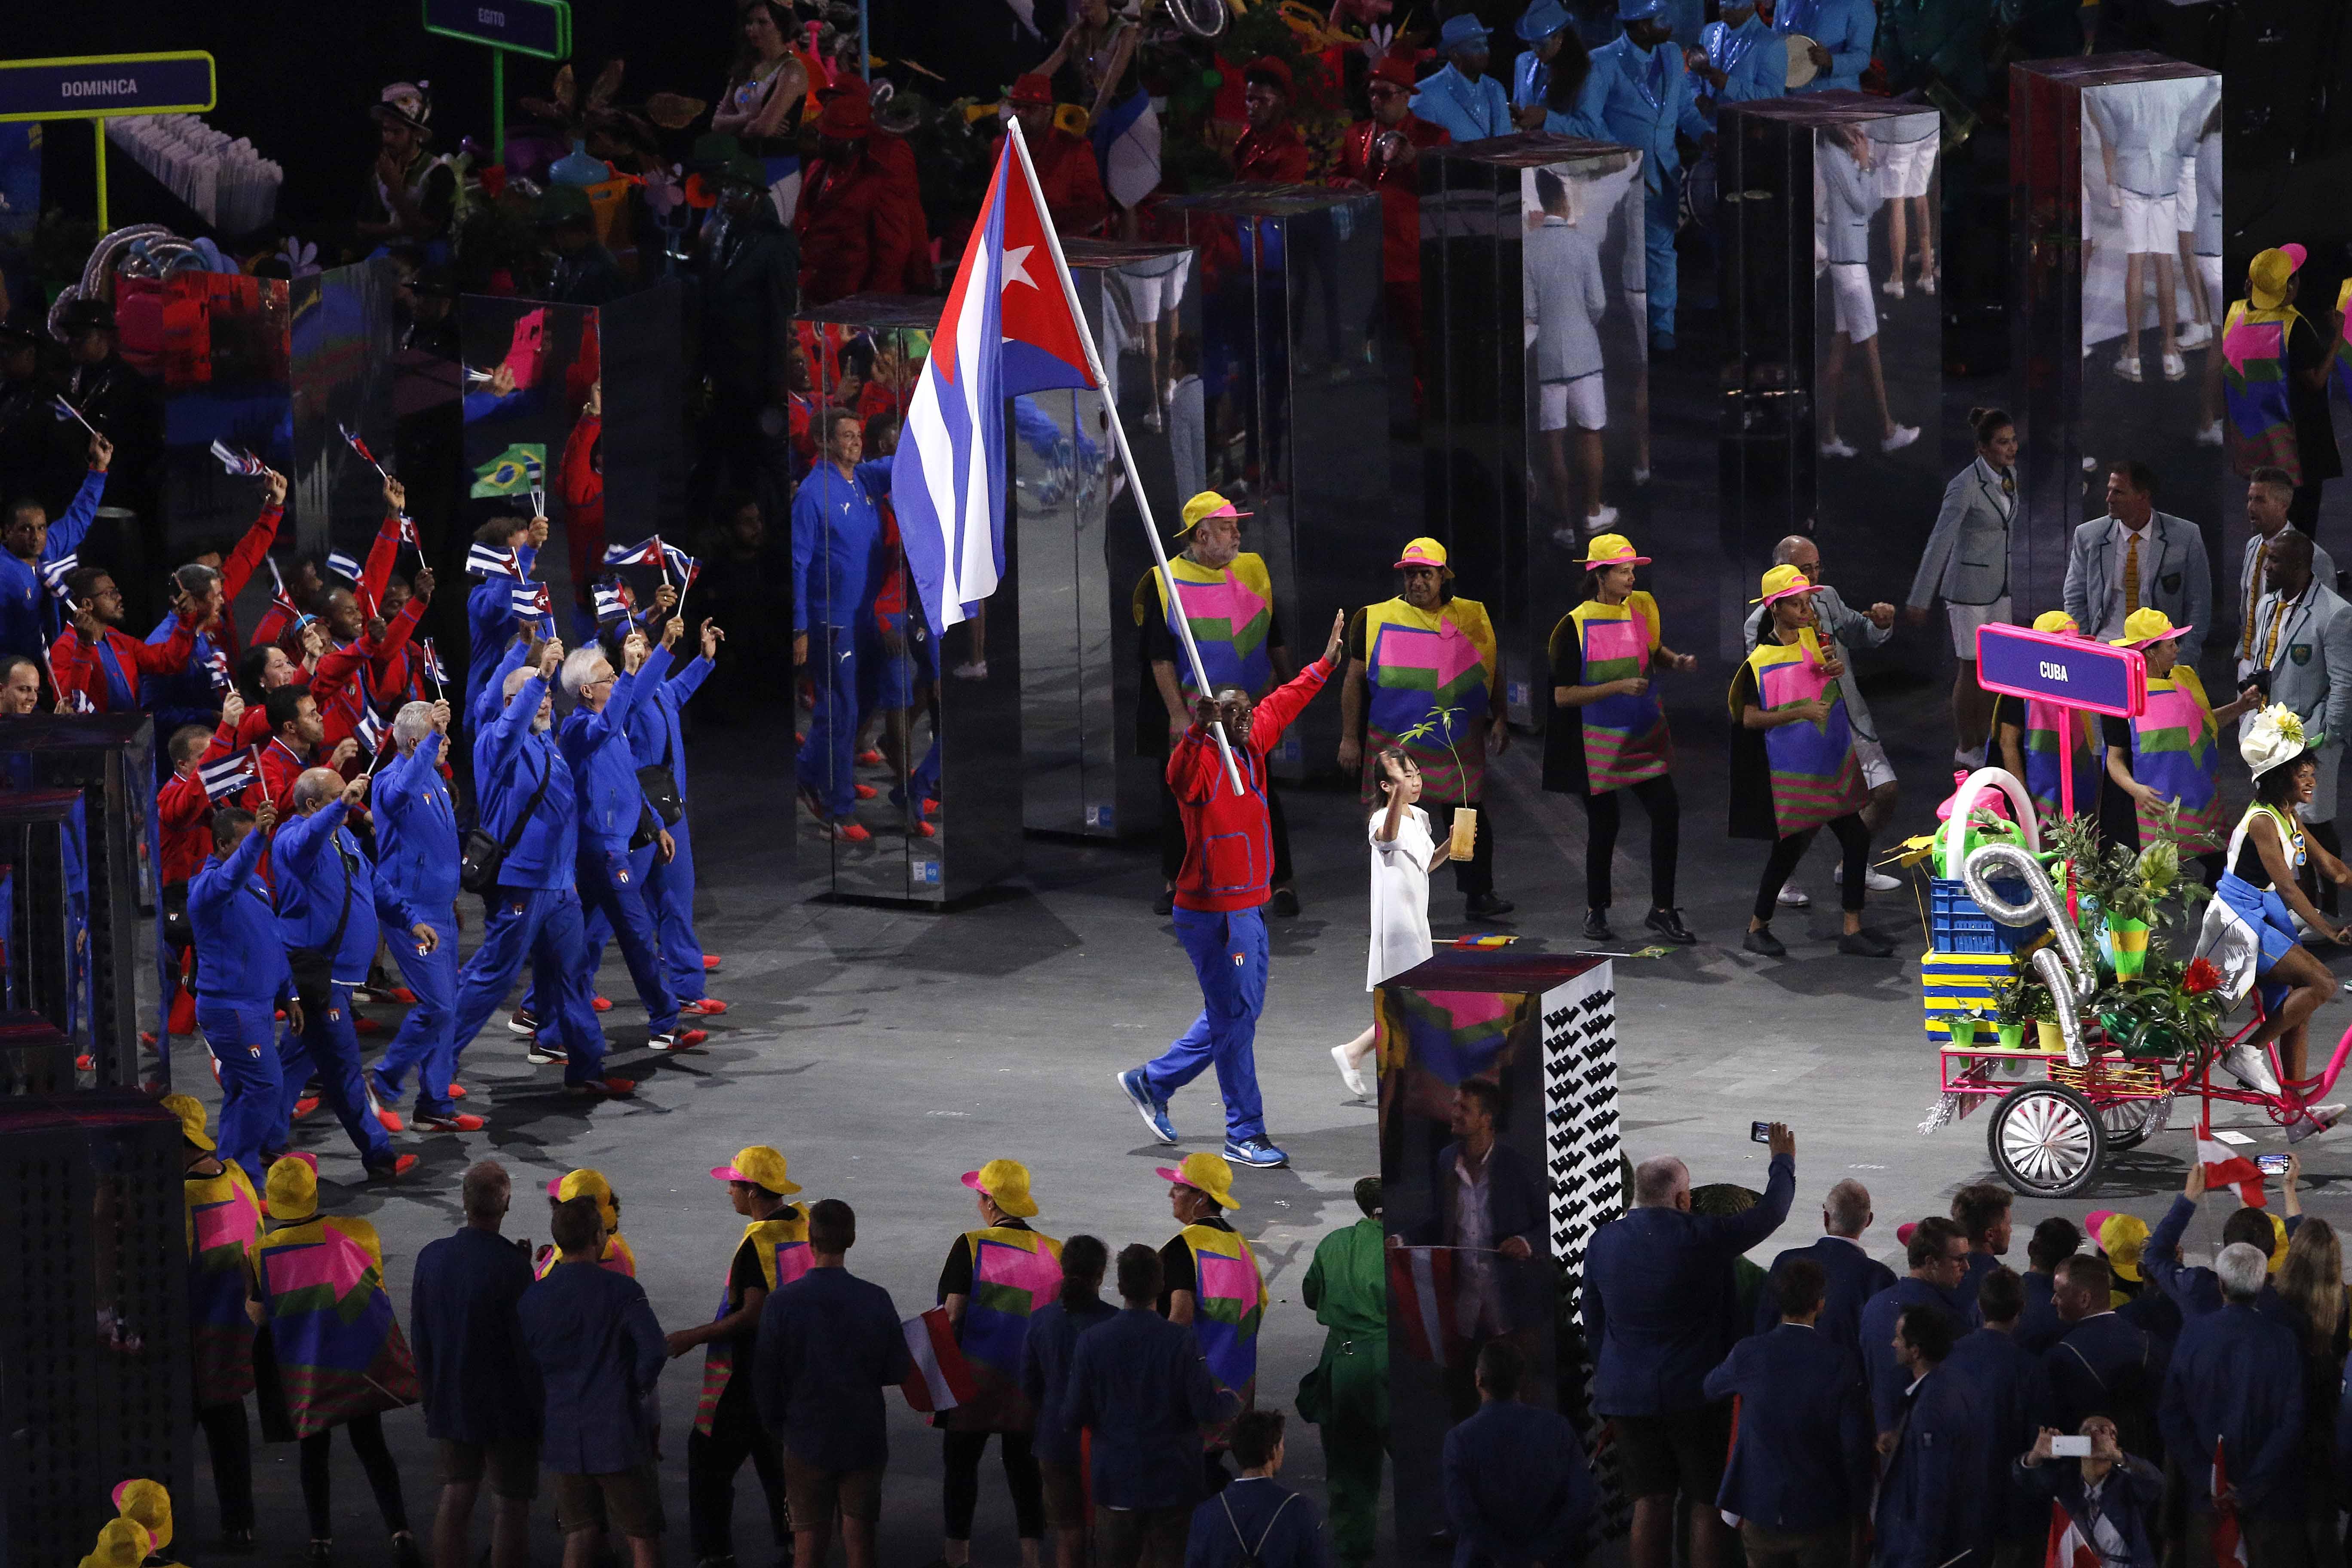 BRASIL-DELEGACION DE CUBA-JUEGOS OLÍMPICOS DE RIO DE JANEIRO